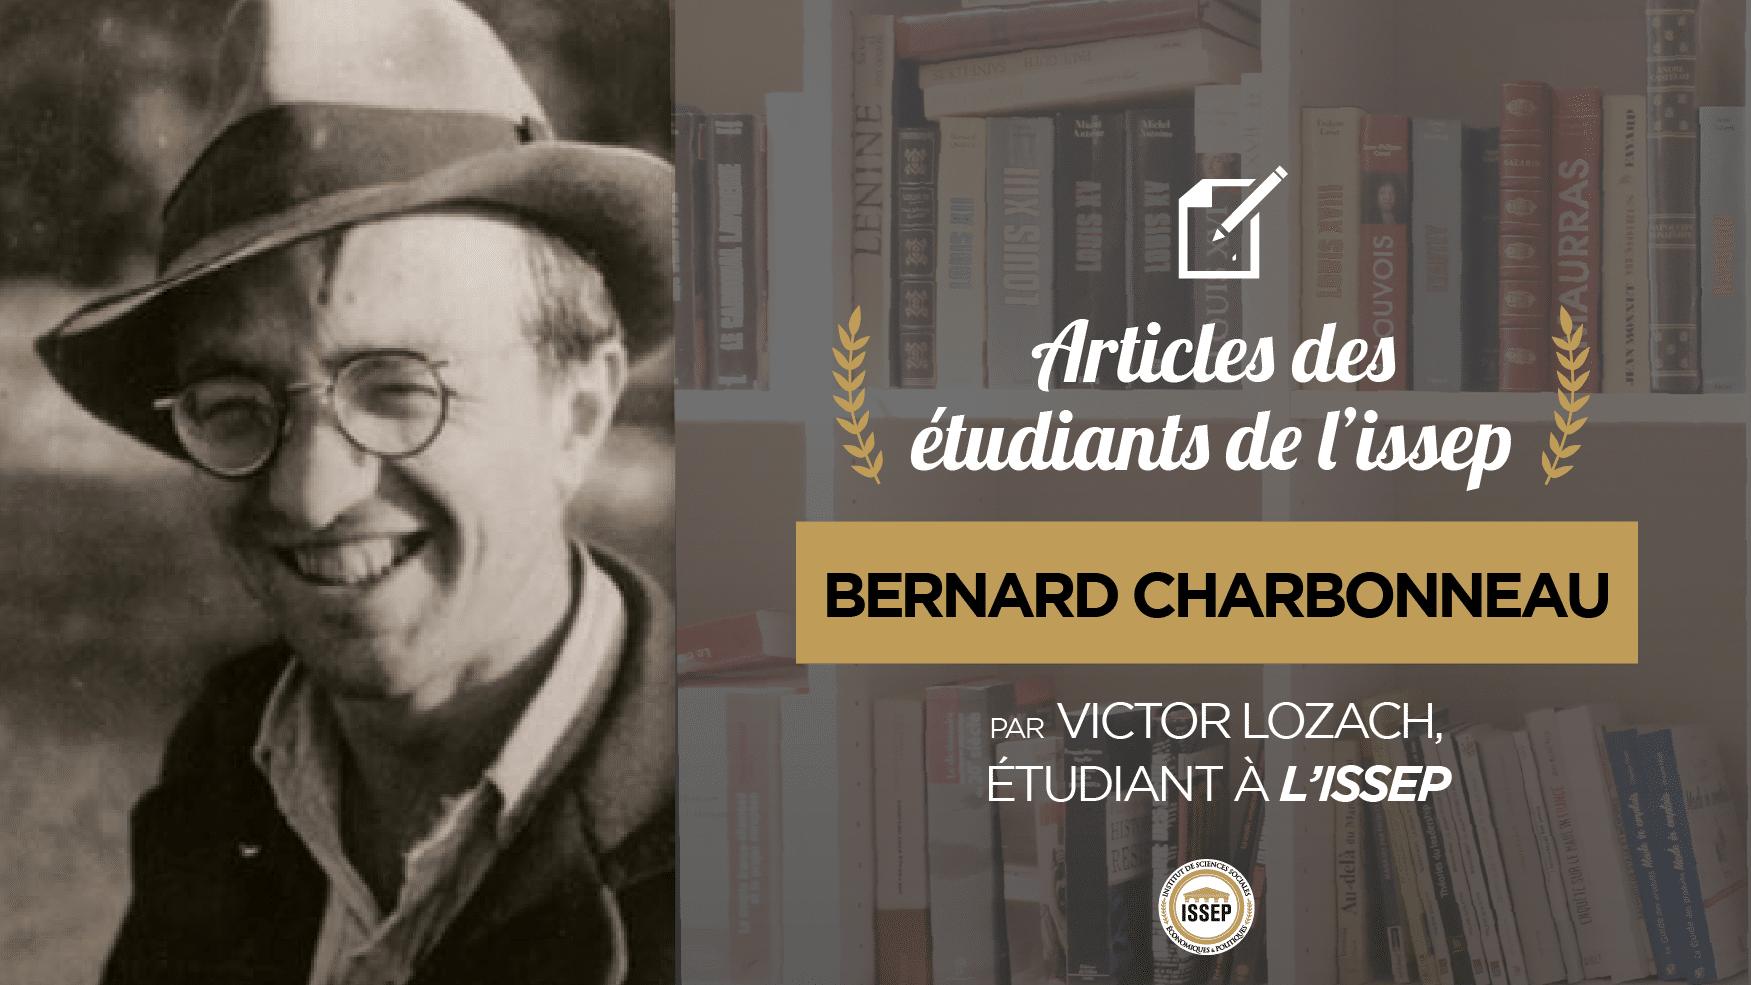 Article des étudiants : Bernard Charbonneau, par Victor Lozac'h, étudiant en Bac+4 à l'ISSEP